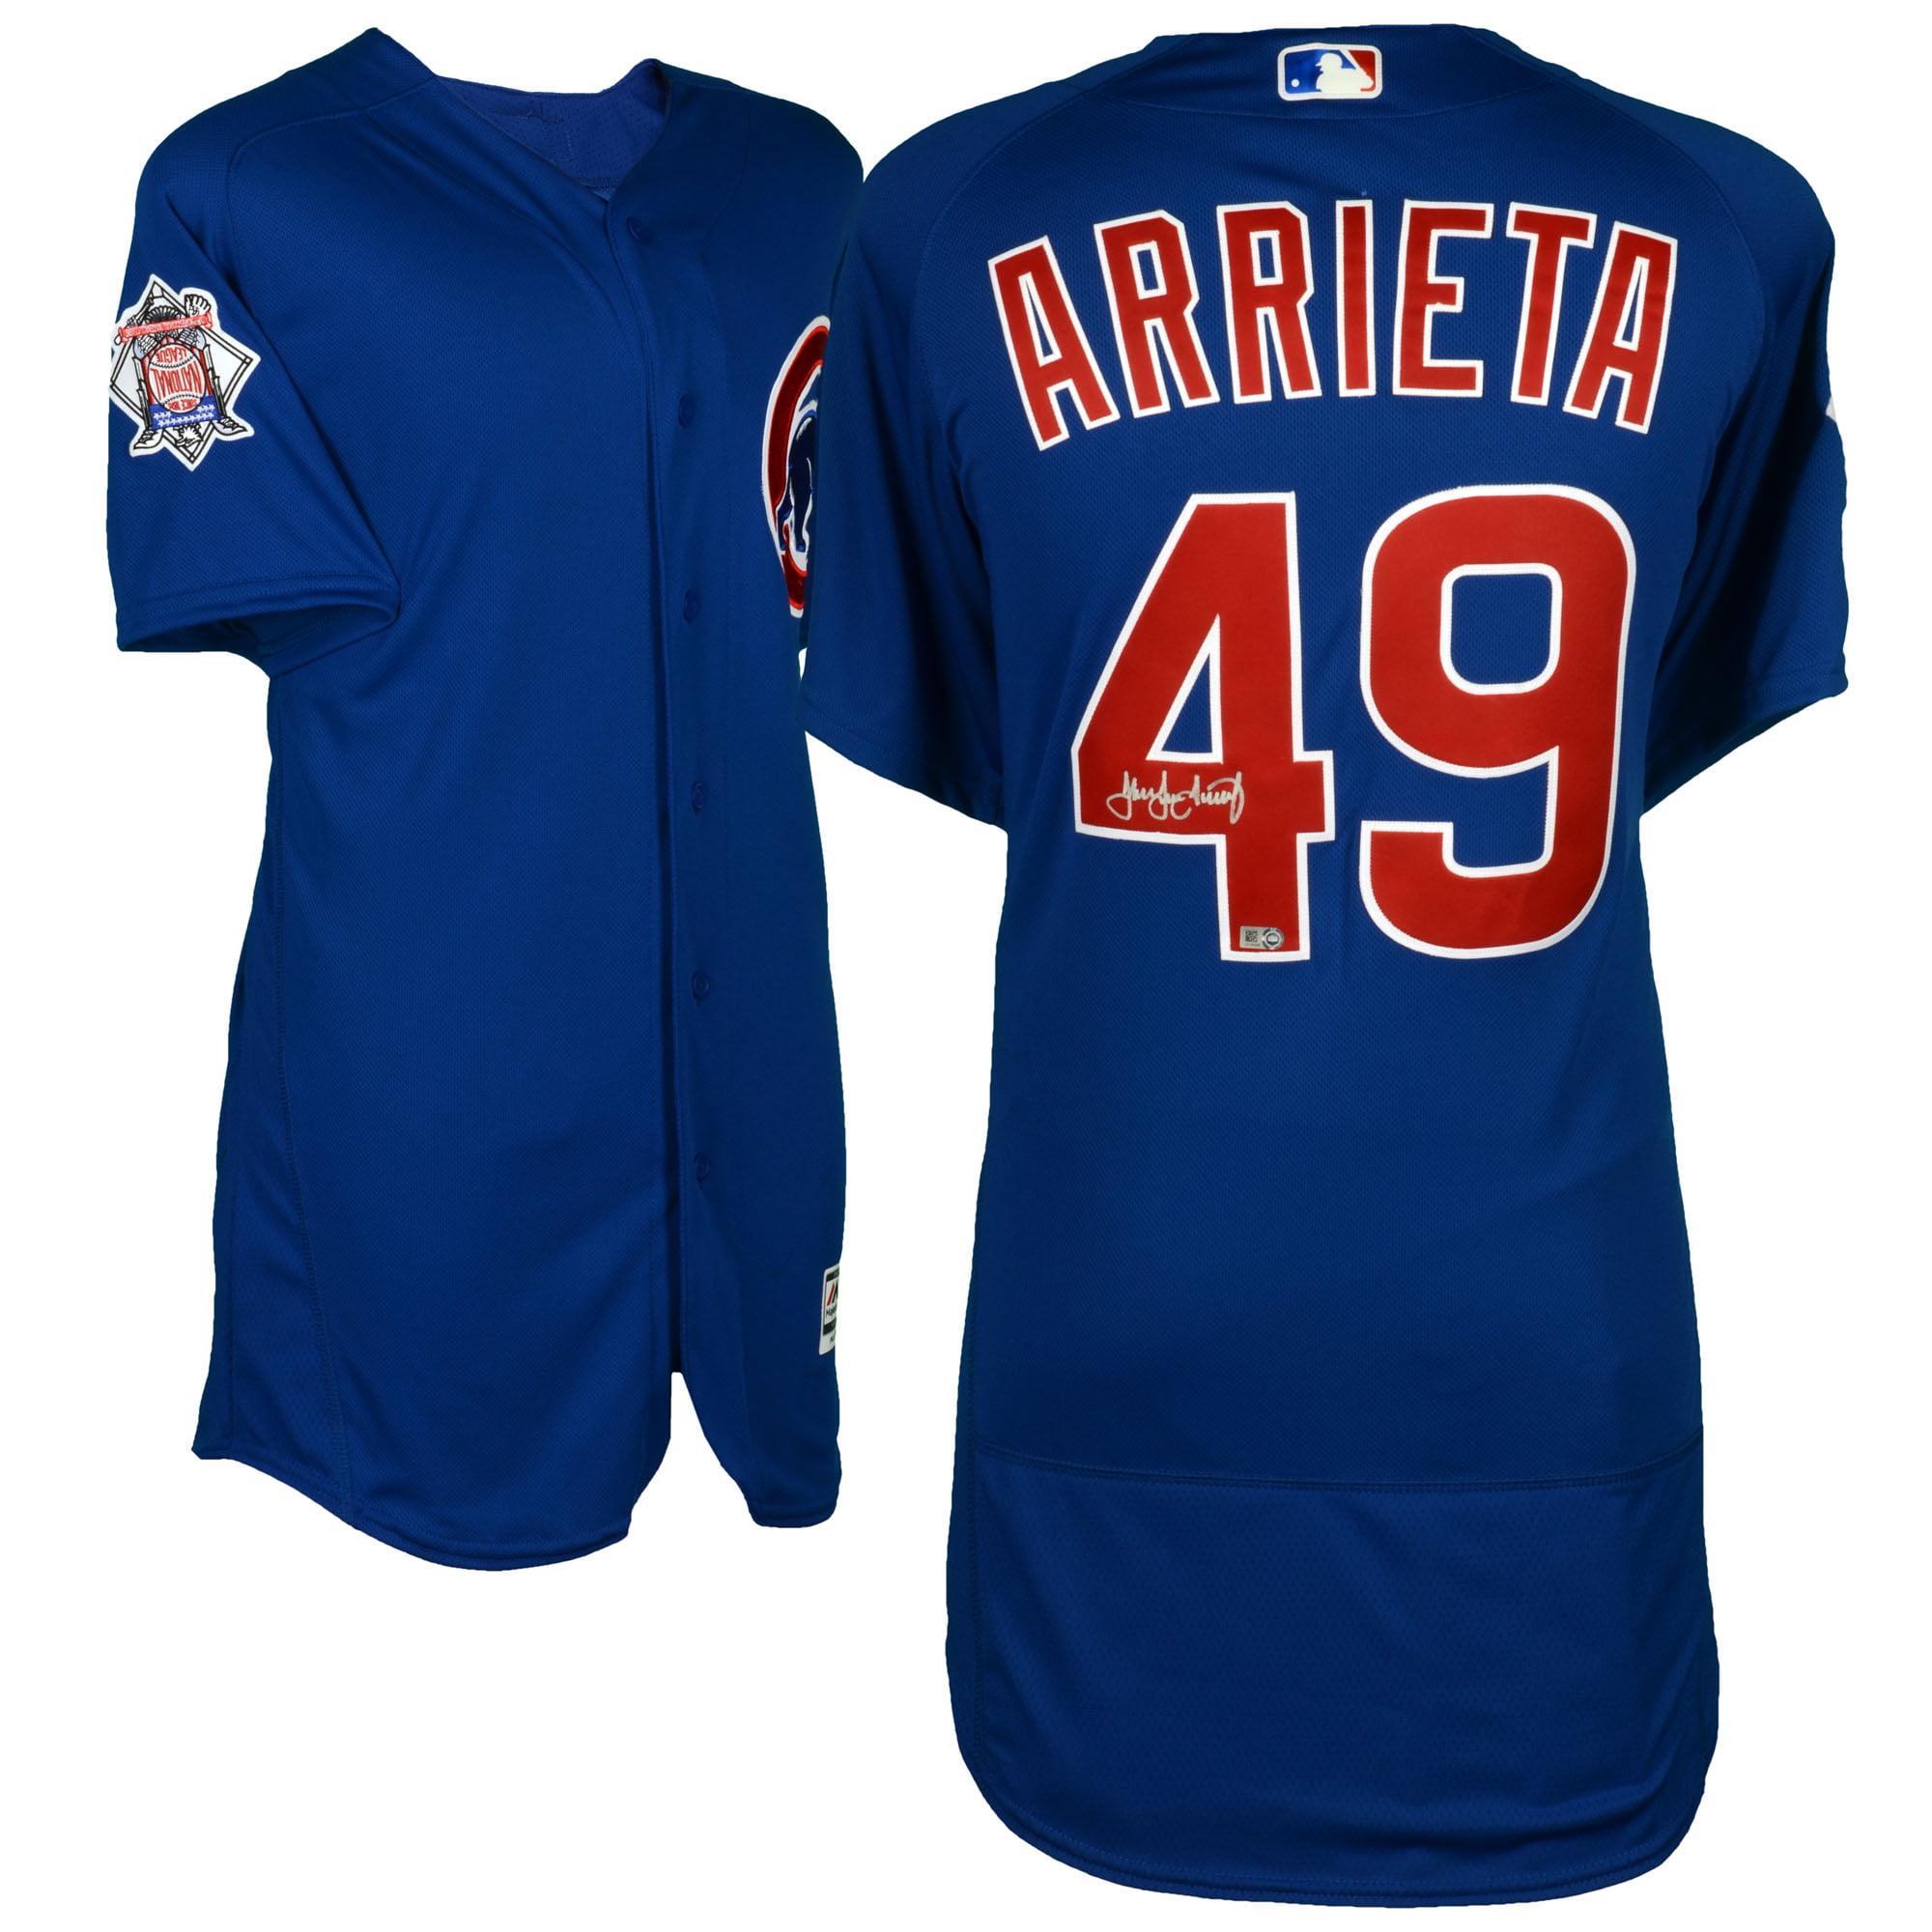 Jake Arrieta Chicago Cubs Fanatics Authentic Autographed Majestic Blue Authentic Jersey - No Size